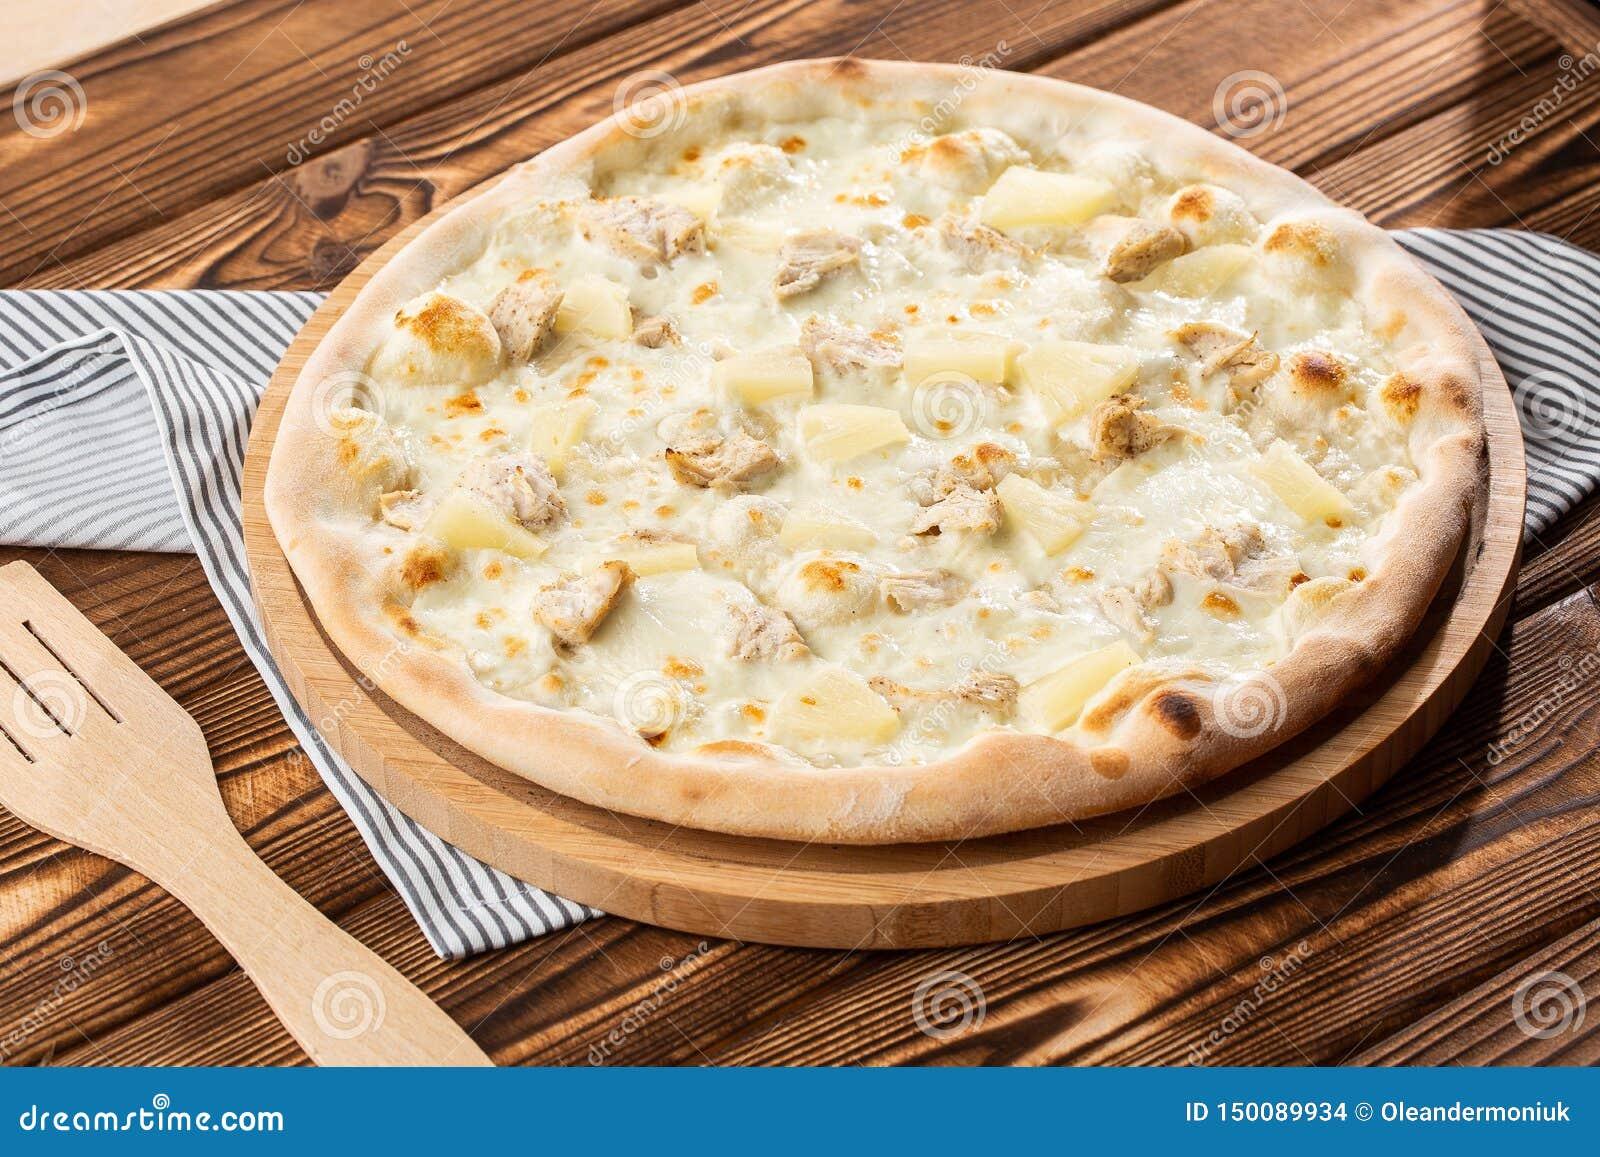 La pizza a complété avec le service de sauce, de poulet, de fromage et d ananas du plat en bois sur la table en bois Photo de piz